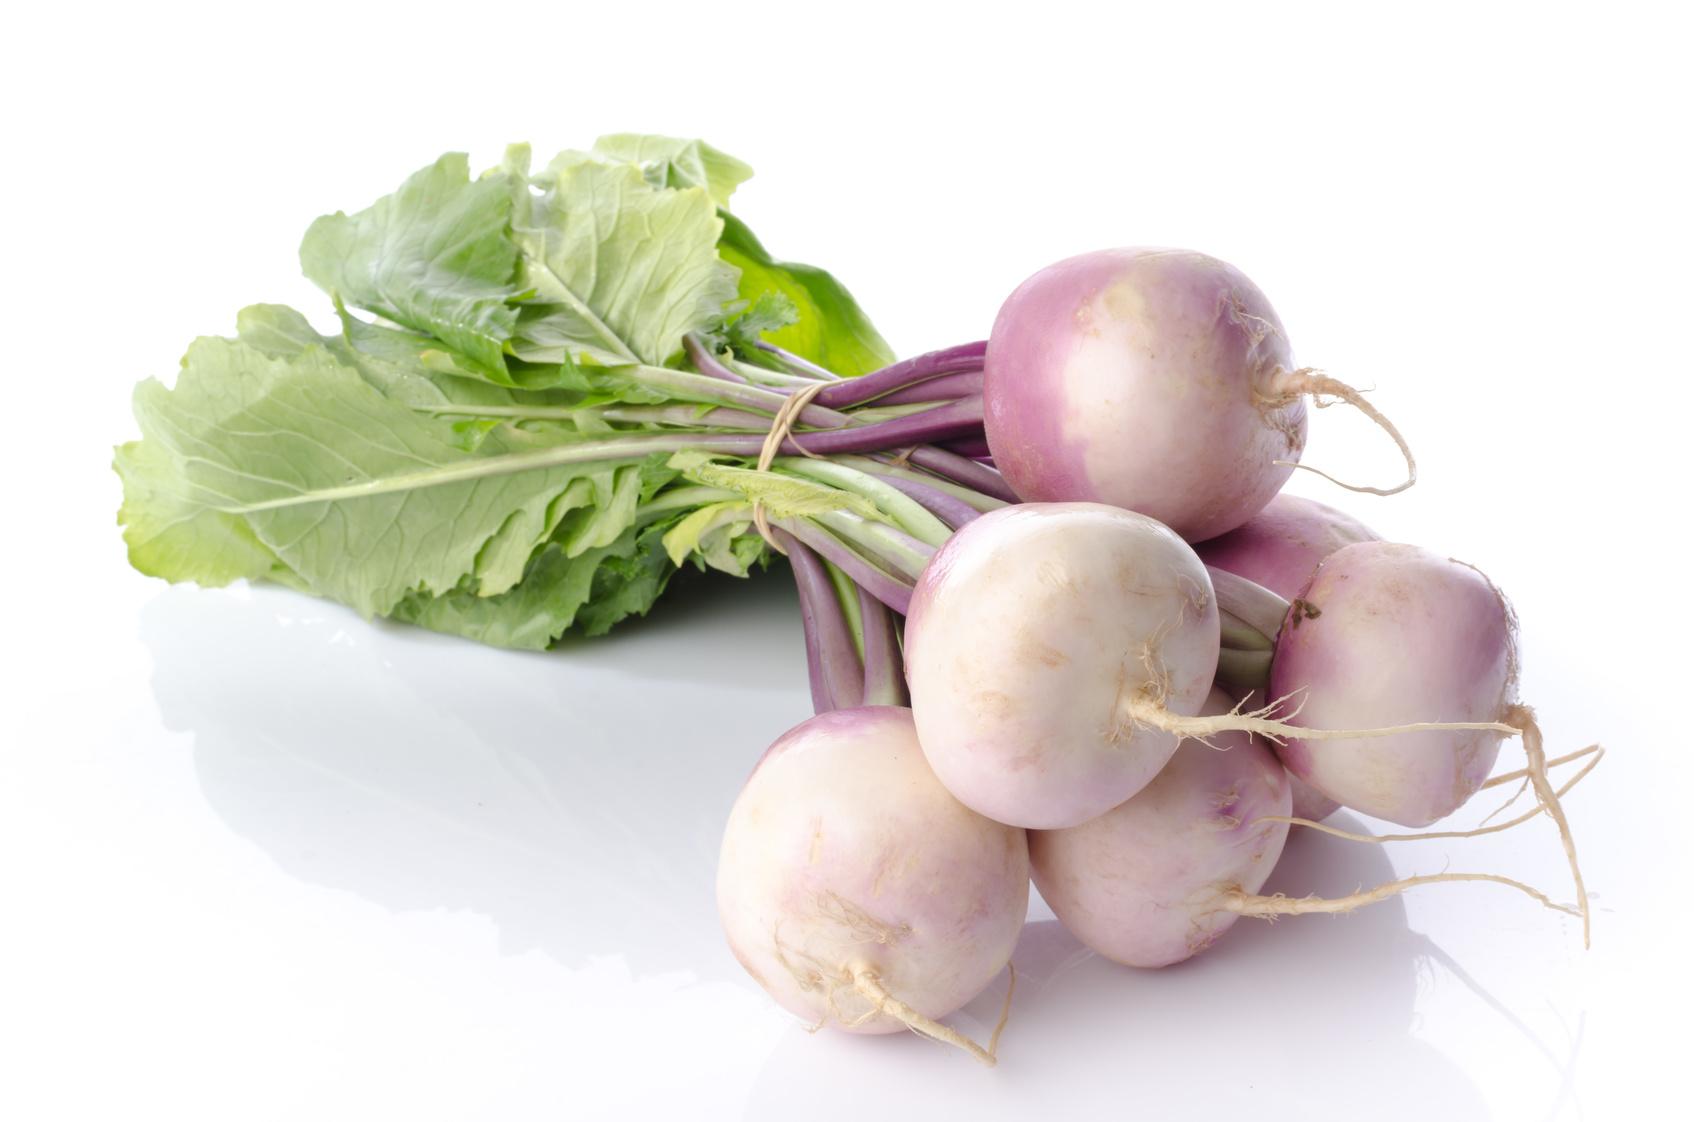 navet blanc frais légume nutrition recette santé